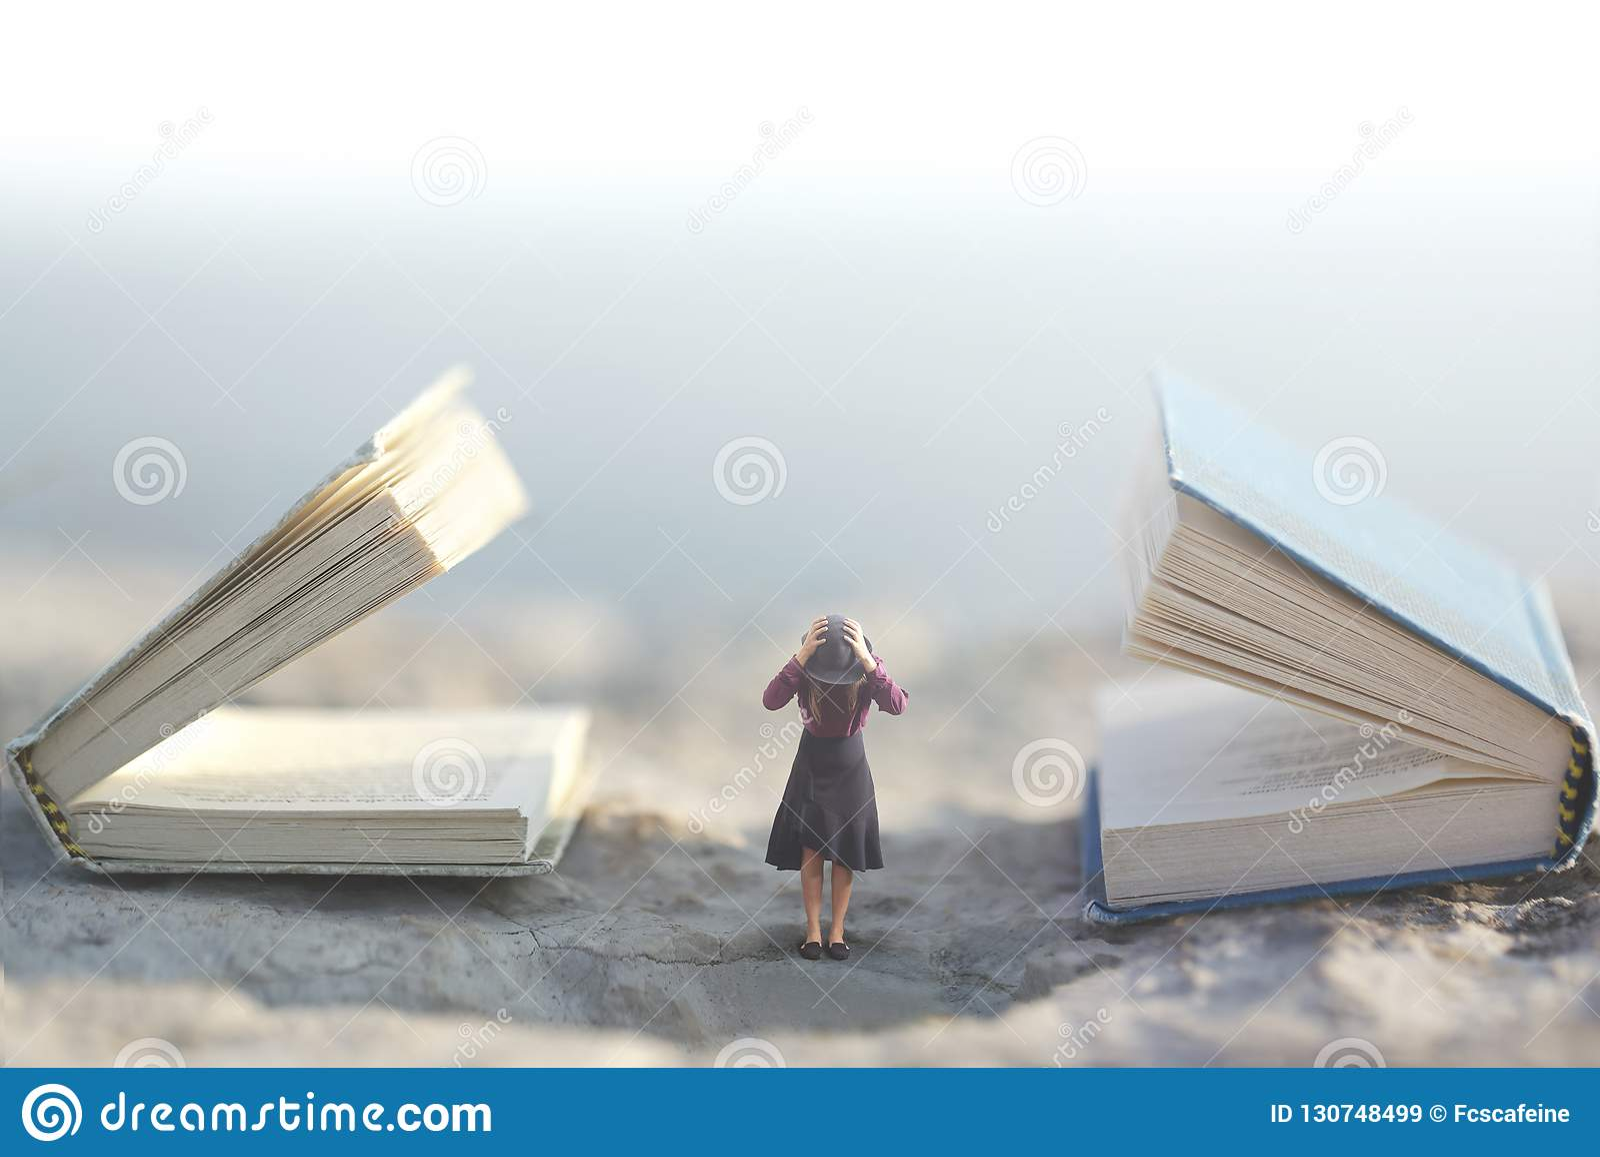 Υπερφυσική στιγμή όπου μια μικρή γυναίκα σταματά τα αυτιά της ώστε να μη ακούσει δύο γιγαντιαία ομιλούντα βιβλία